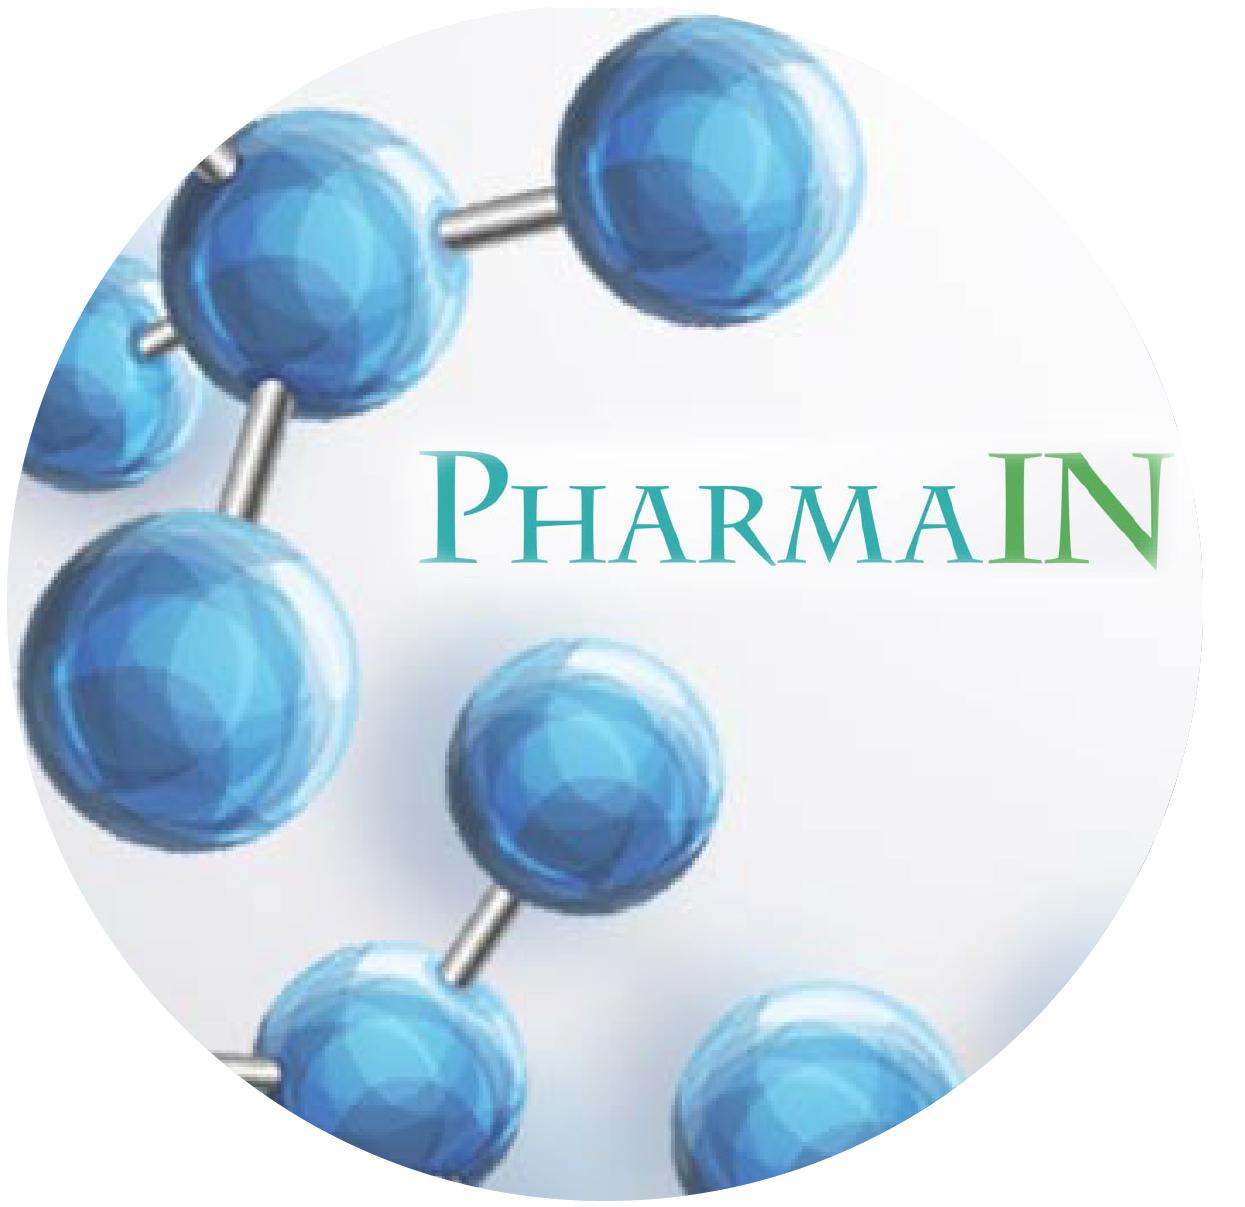 pharmain.png